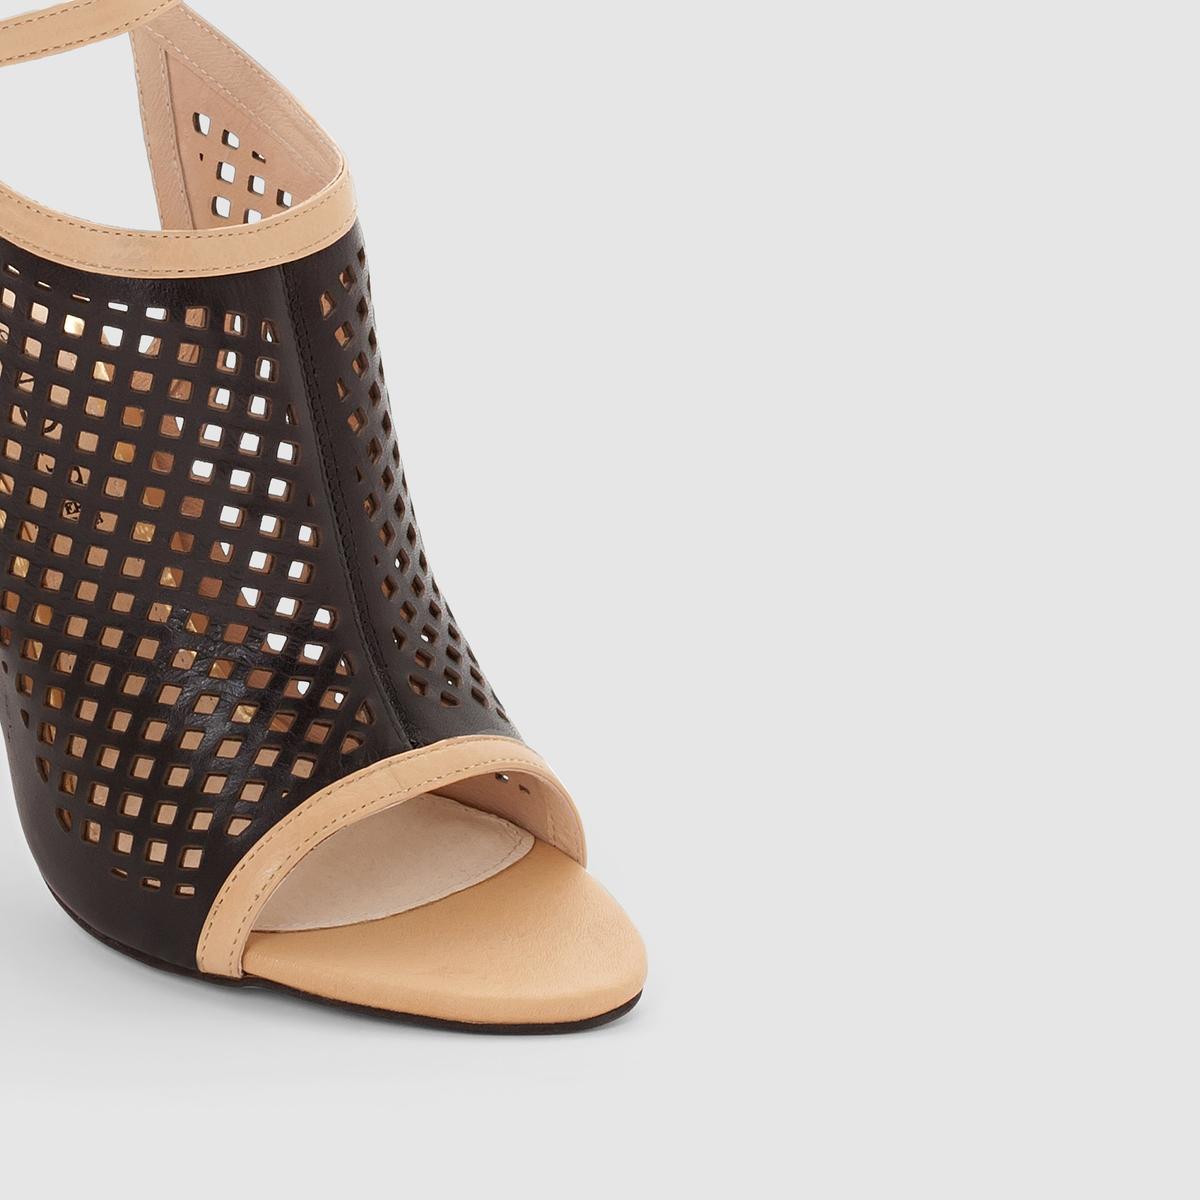 Босоножки CAFE NOIR MA107Босоножки на высоком каблуке, MA107 от CAFE NOIR.Верх: телячья кожа. Подкладка: кожа.Стелька: кожа.Подошва: синтетика.Высота каблука: 10 см.Застежка: пряжка на щиколотке.Преимущества: марка CAFE NOIR заново открывает для нас мир босоножек благодаря этой модели черного цвета, на высоком каблуке и с очень оригинальным ажурным верхом.<br><br>Цвет: черный/темный<br>Размер: 40.39